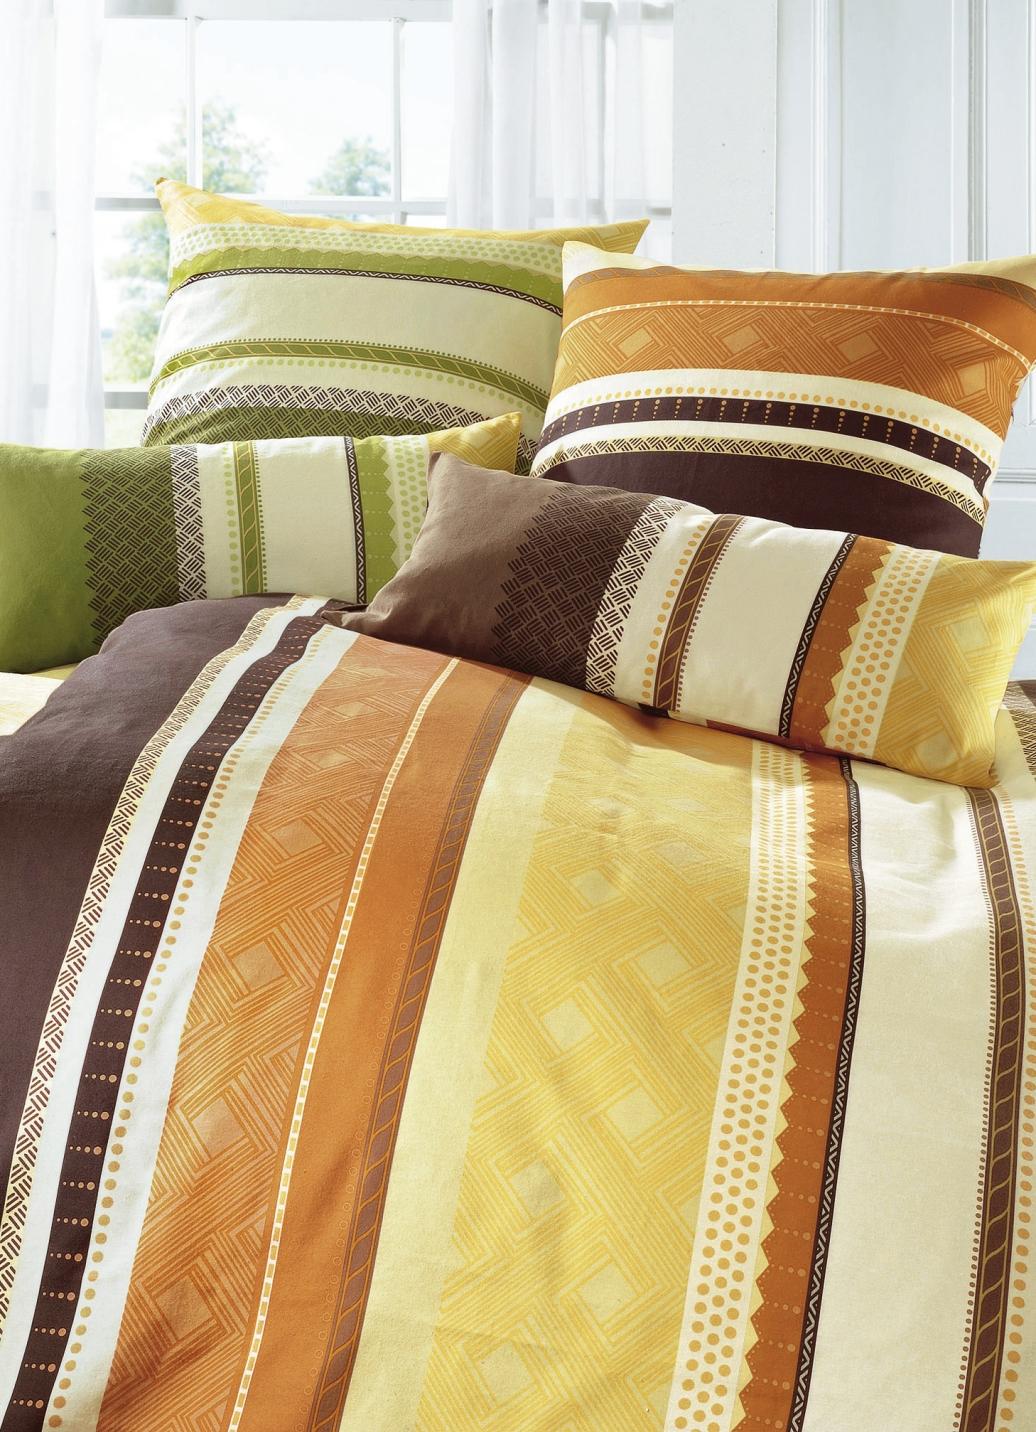 dobnig bettw sche garnitur in verschiedenen farben bettw sche bader. Black Bedroom Furniture Sets. Home Design Ideas